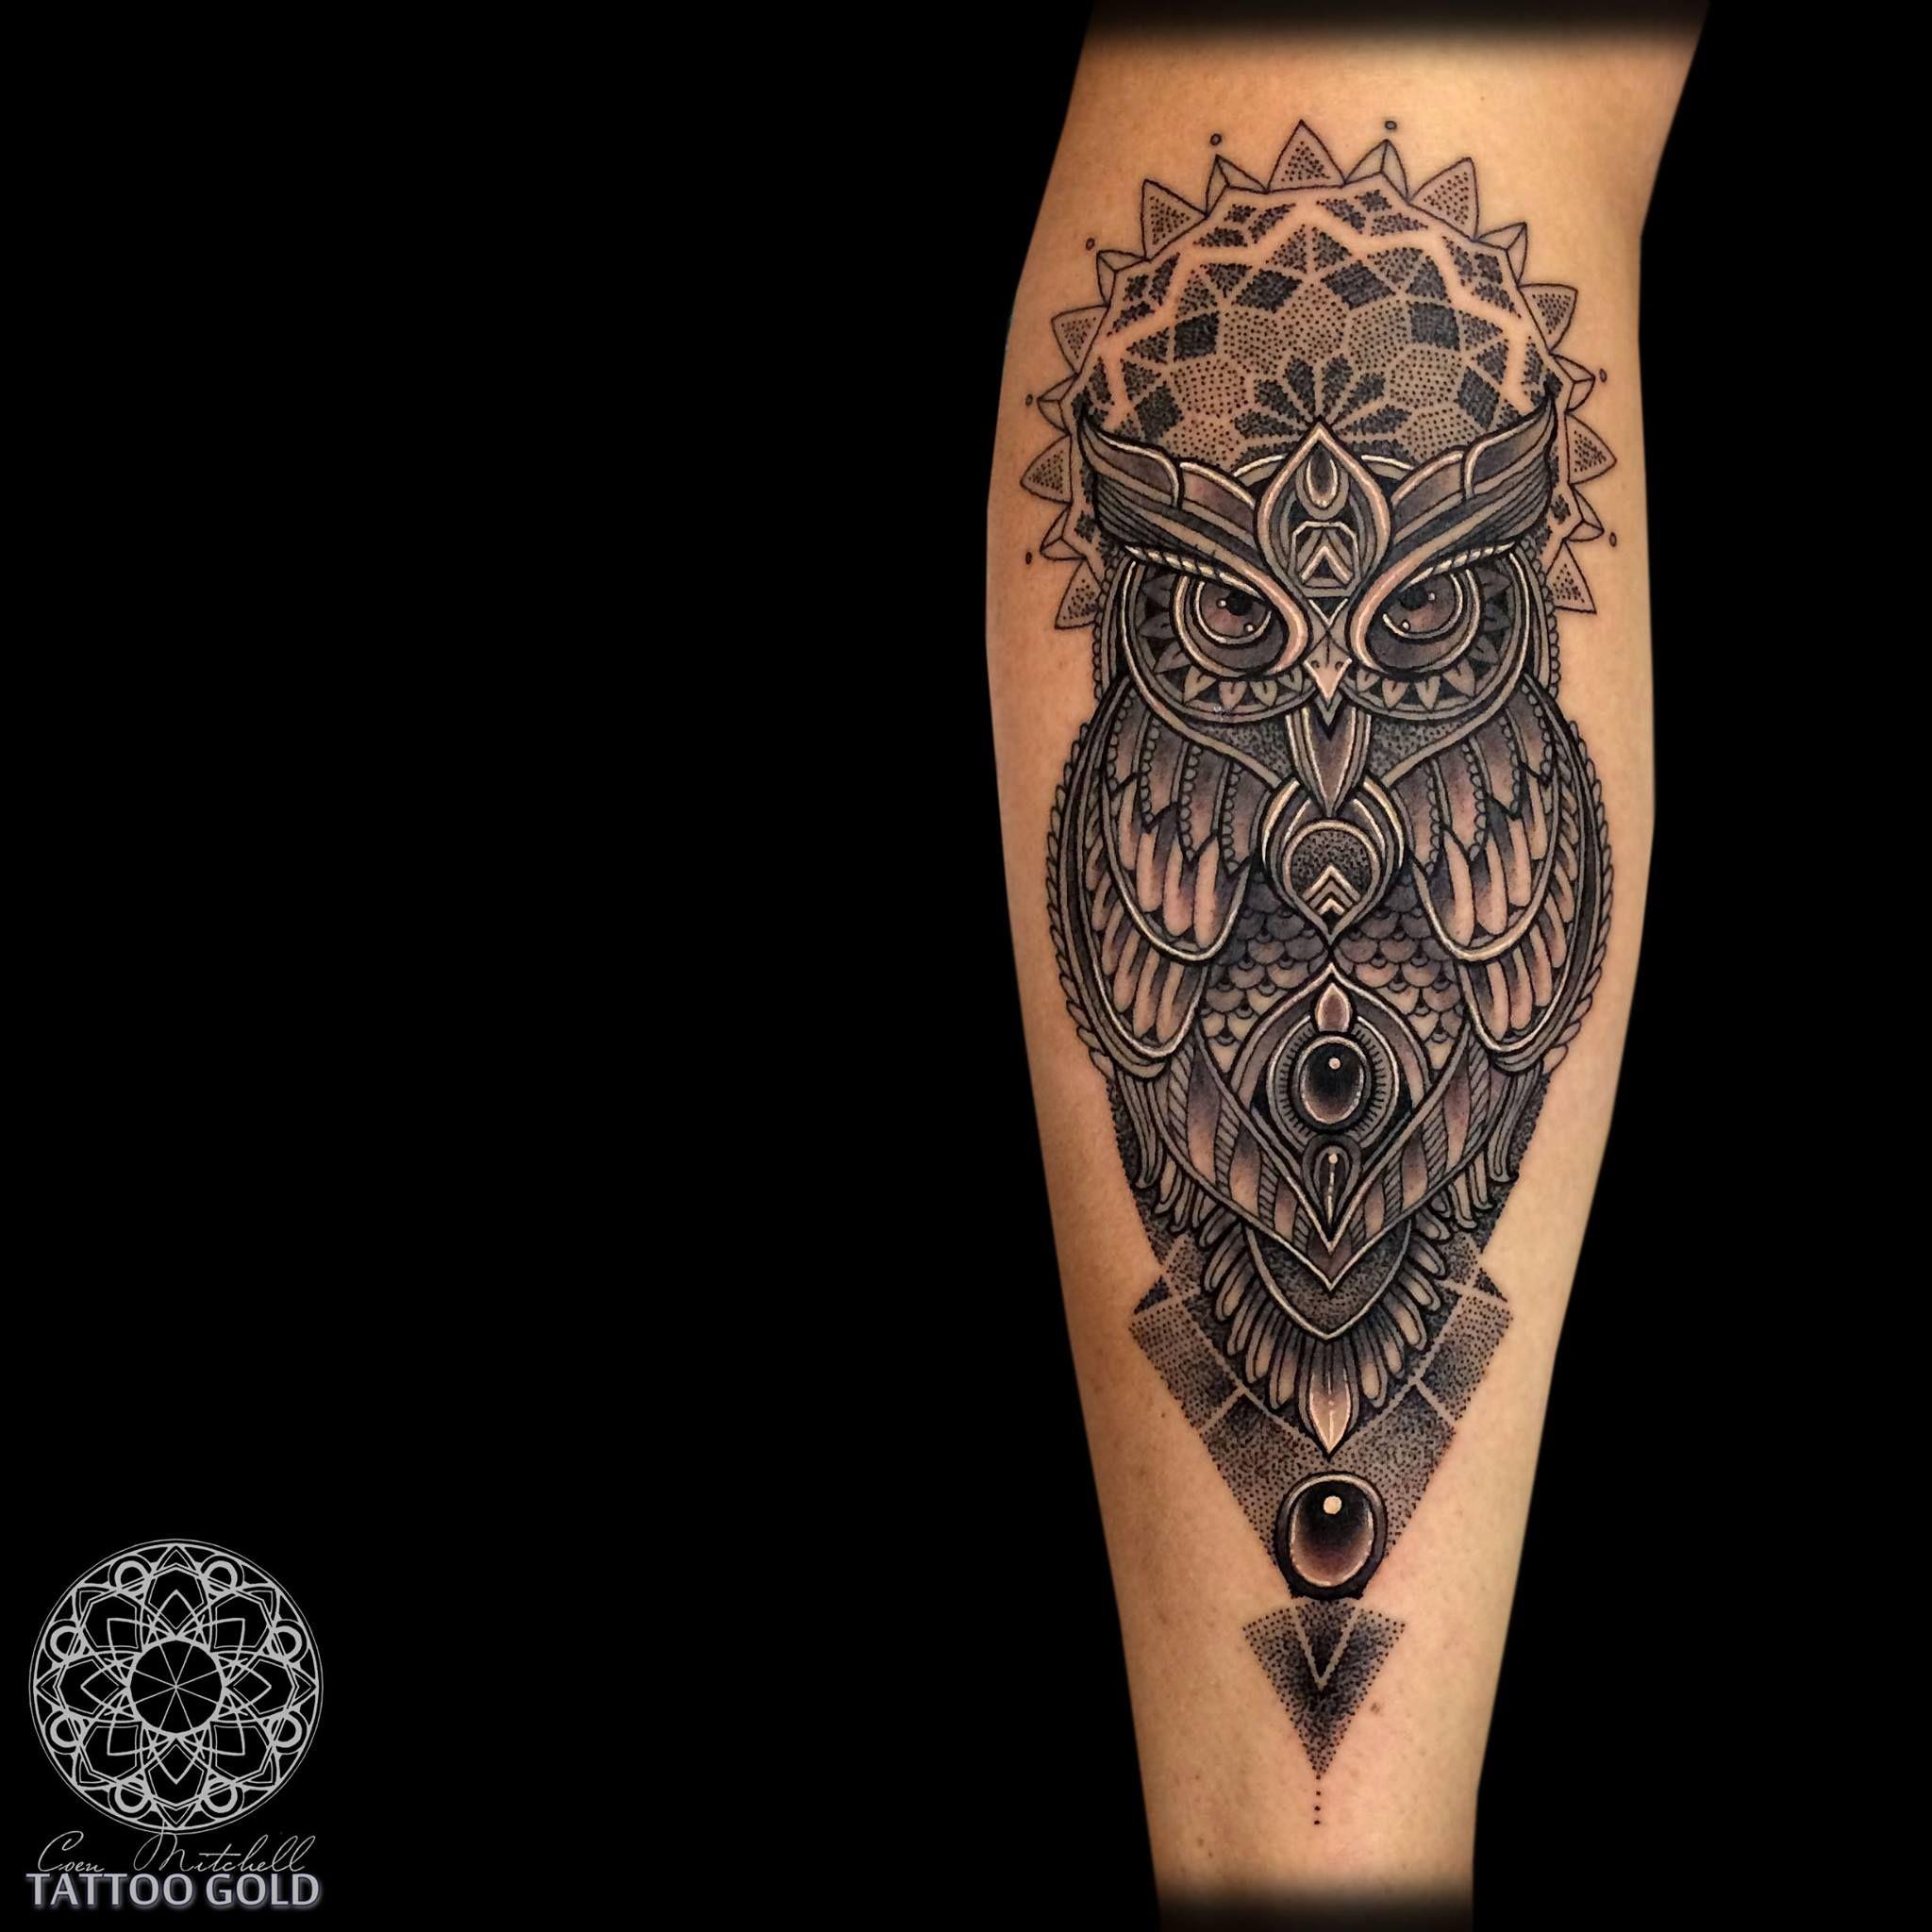 Pin de shelbey schmale em tattoo ideas pinterest tatuagens o mundo da tatuagem gigante demais podemos passar mil anos postando artistas por aqui que no teremos divulgado nem de todos eles altavistaventures Gallery